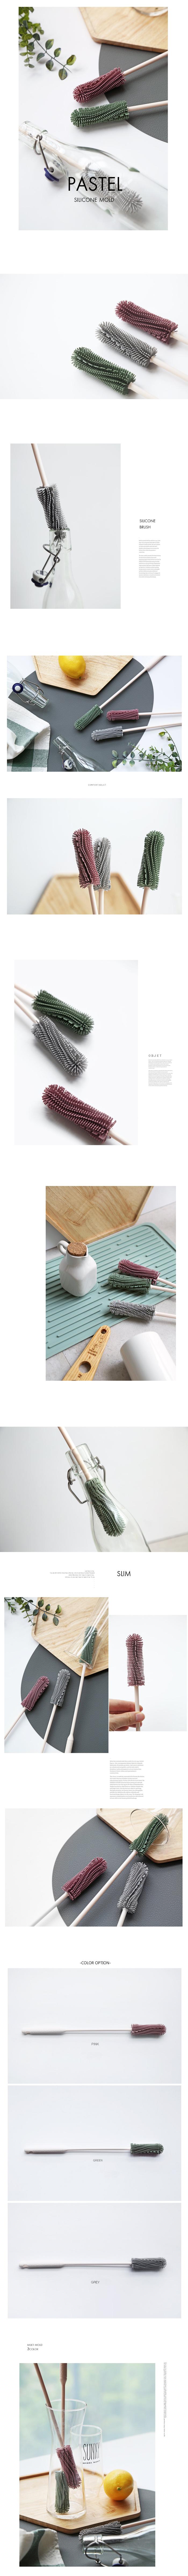 파스텔 실리콘 다용도 슬림 병 세척솔(3color) lovesweety - 꾸미기 좋은날, 6,000원, 주방소품, 병솔